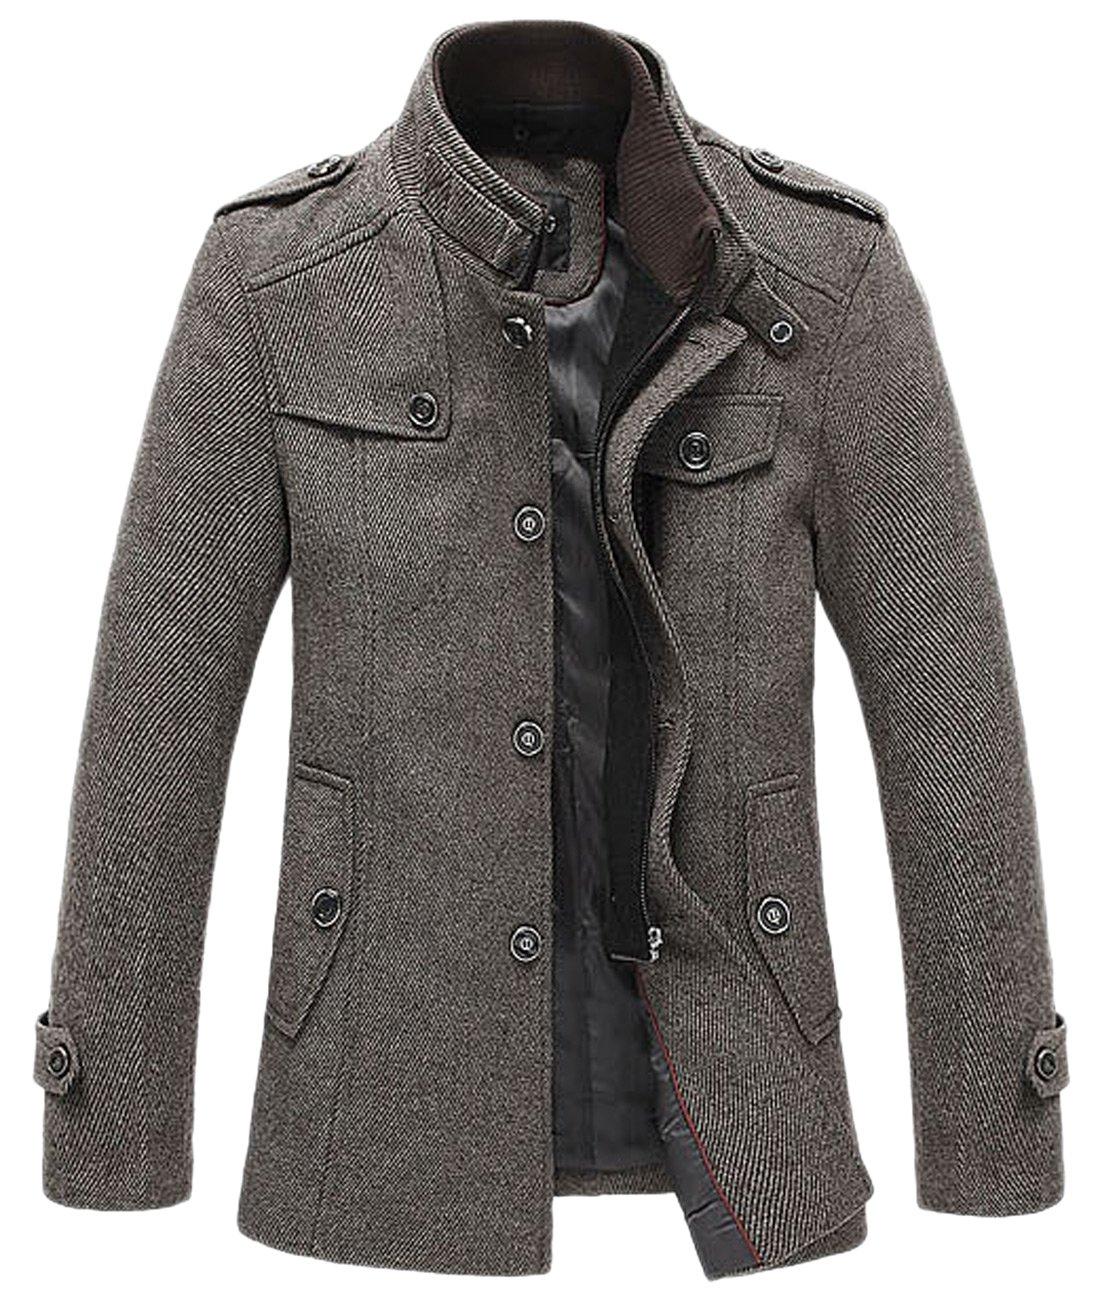 Chouyatou Men's Winter Stylish Wool Blend Single Breasted Military Peacoat (X-Small, Khaki)